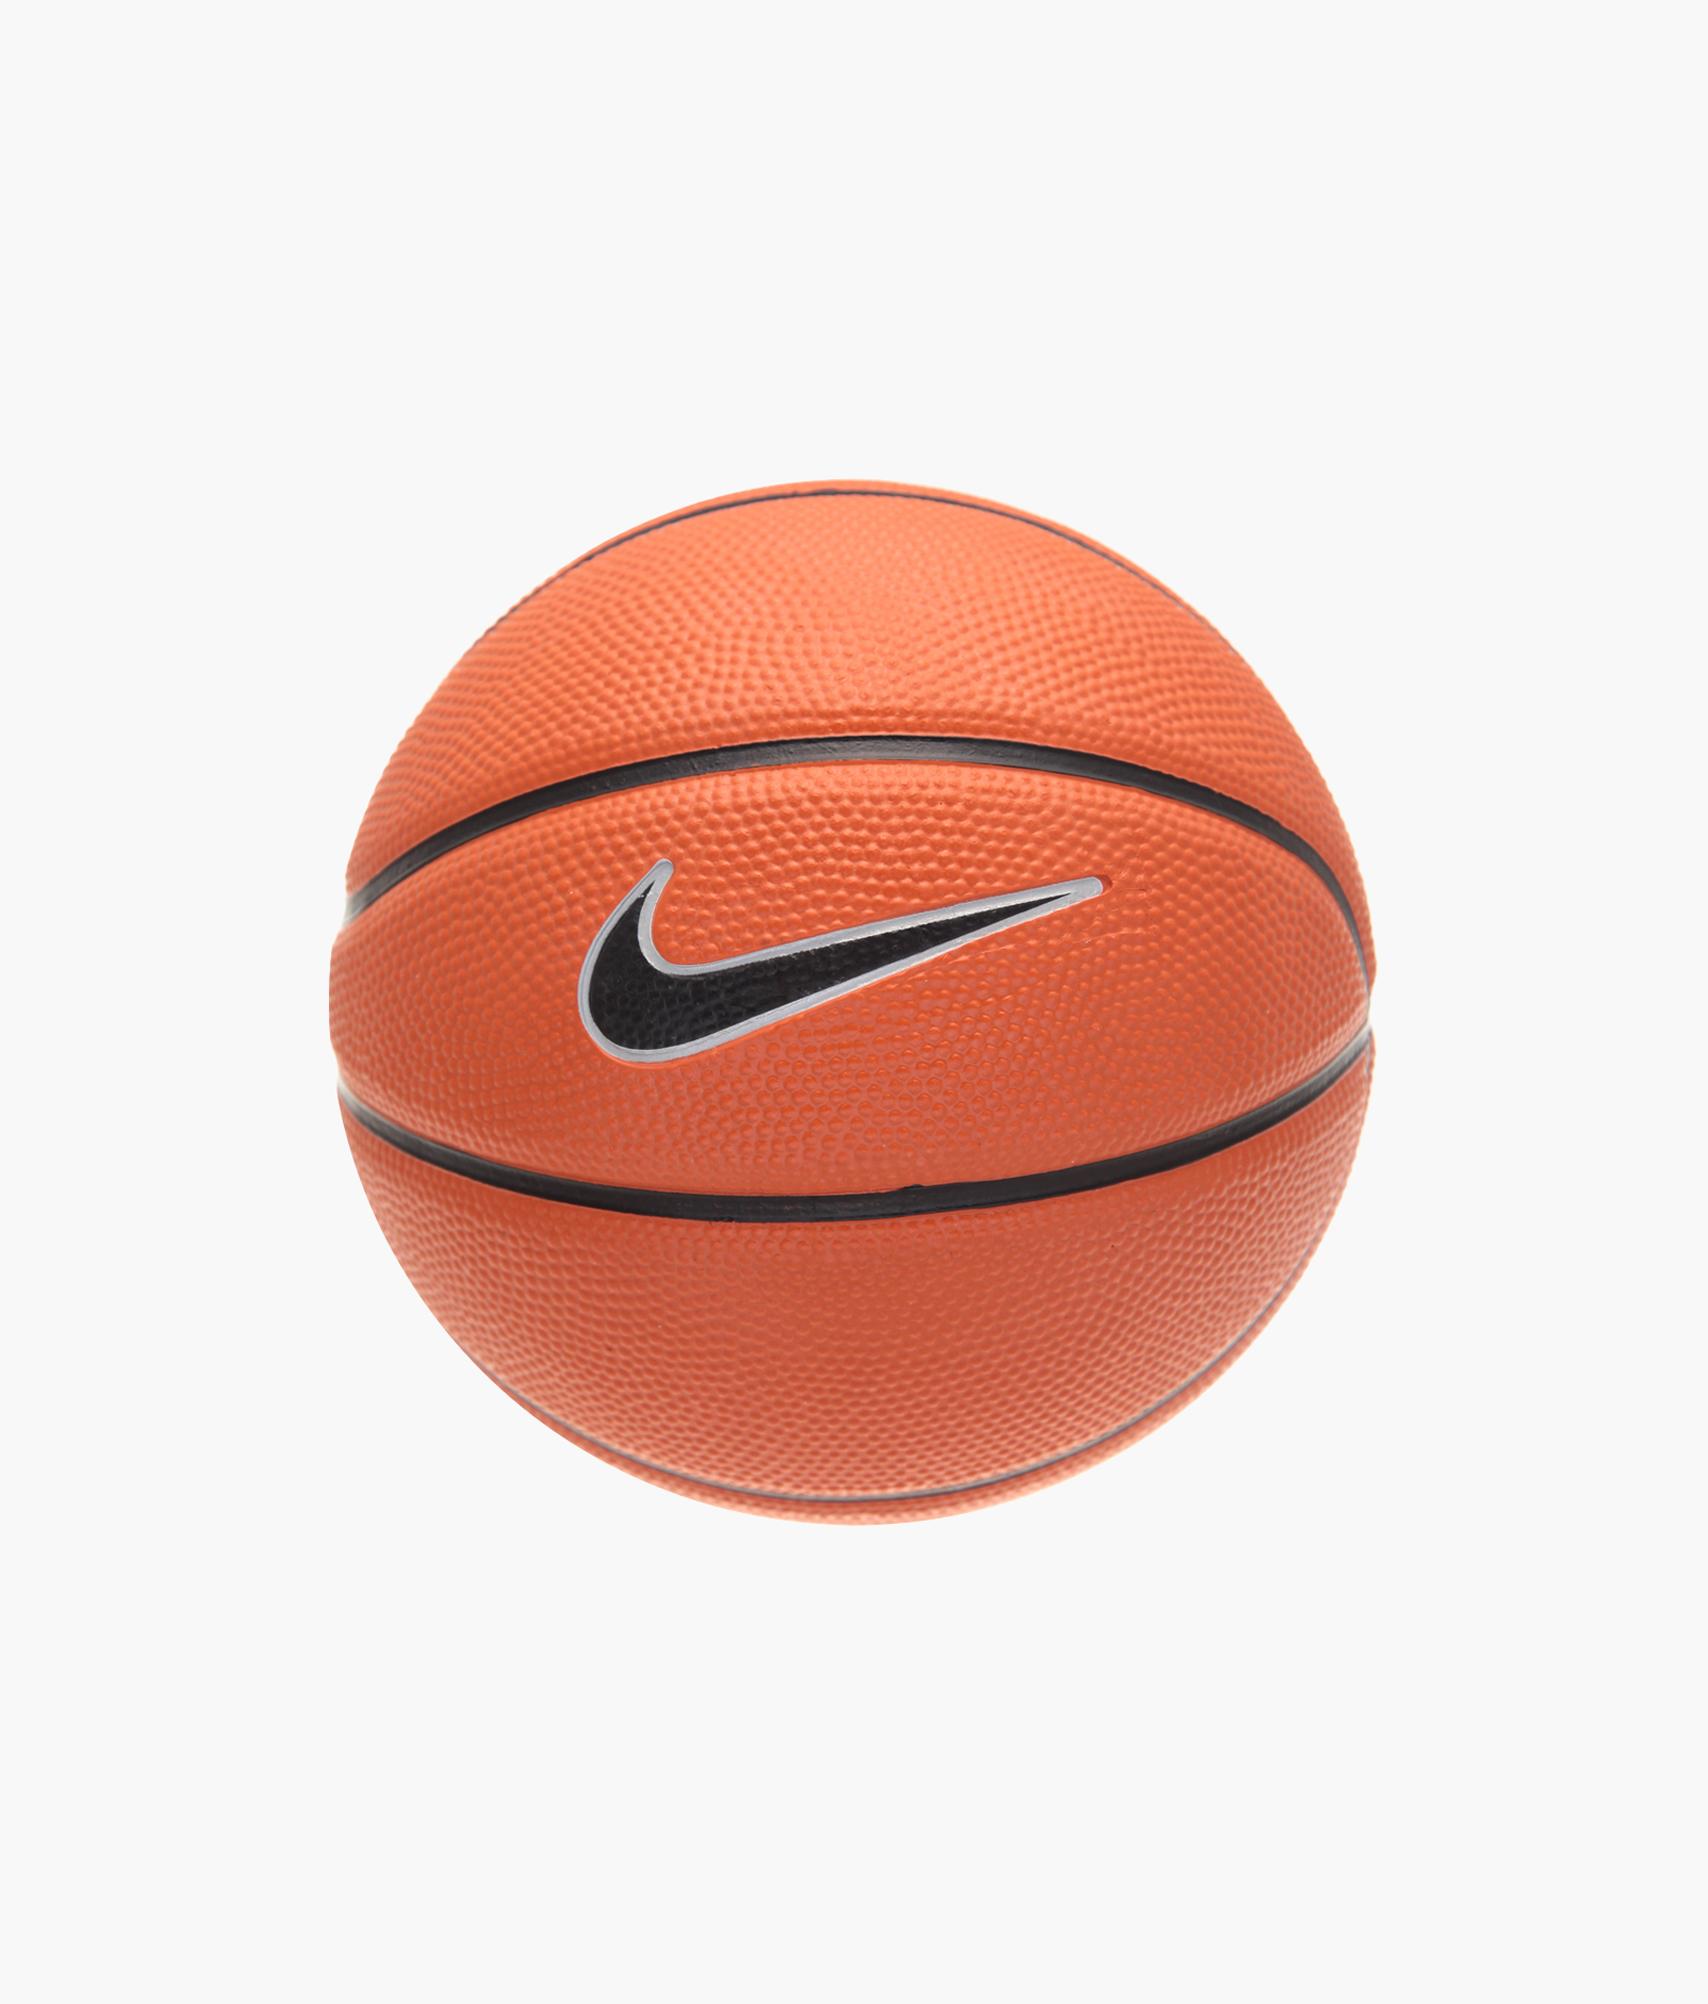 Мяч баскетбольный Nike Nike Цвет-Оранжевый